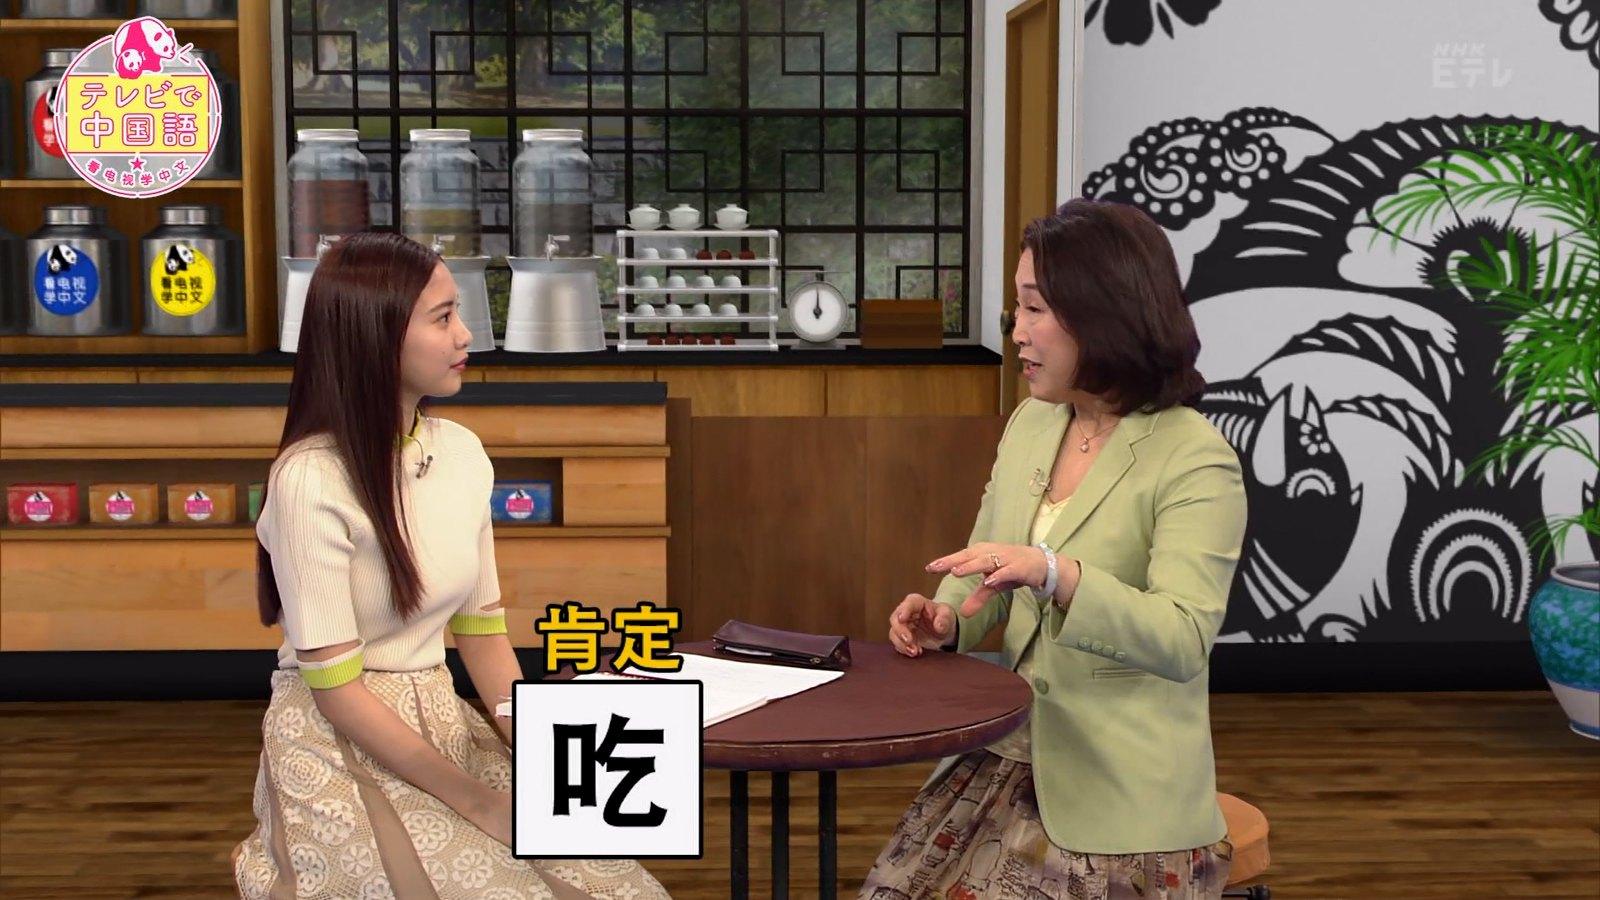 佐野ひなこ_ニット_おっぱい_テレビで中国語_06